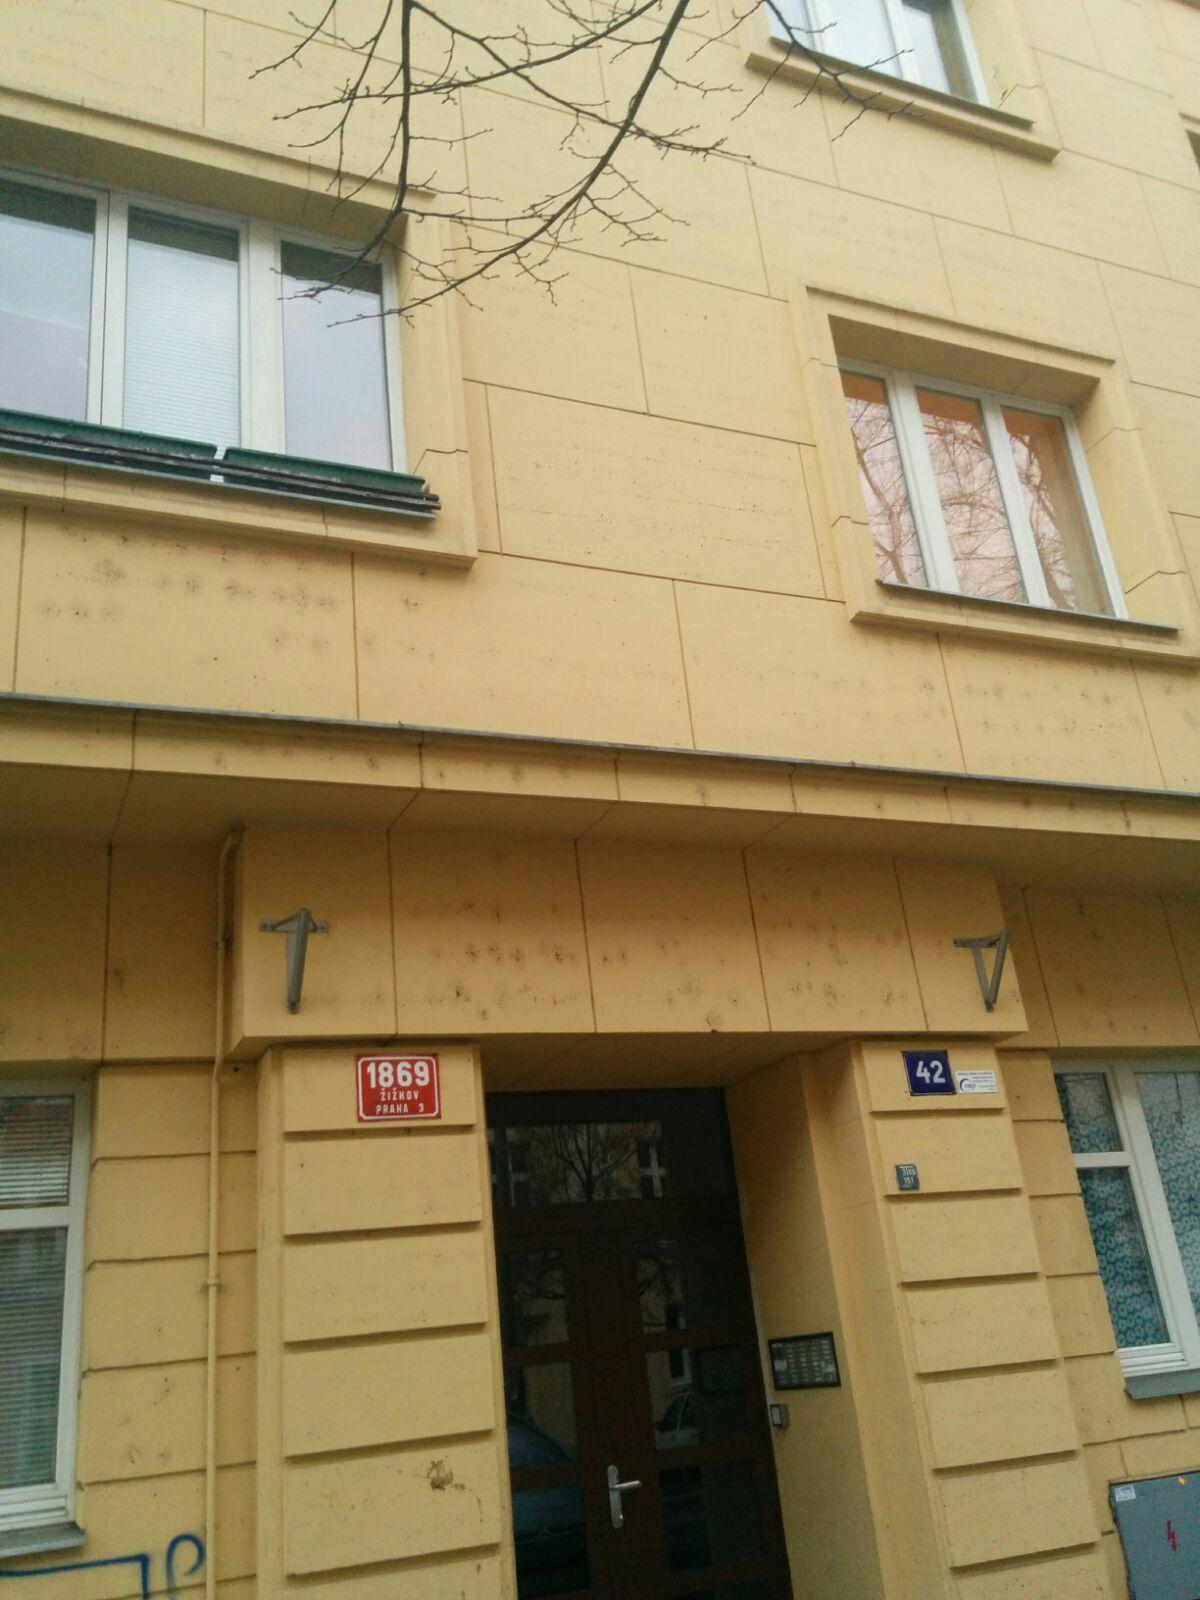 למכירה דירת 2 חדרים מתאימה להשקעה בשכונת זיזקוב פראג 3 -tt (5)